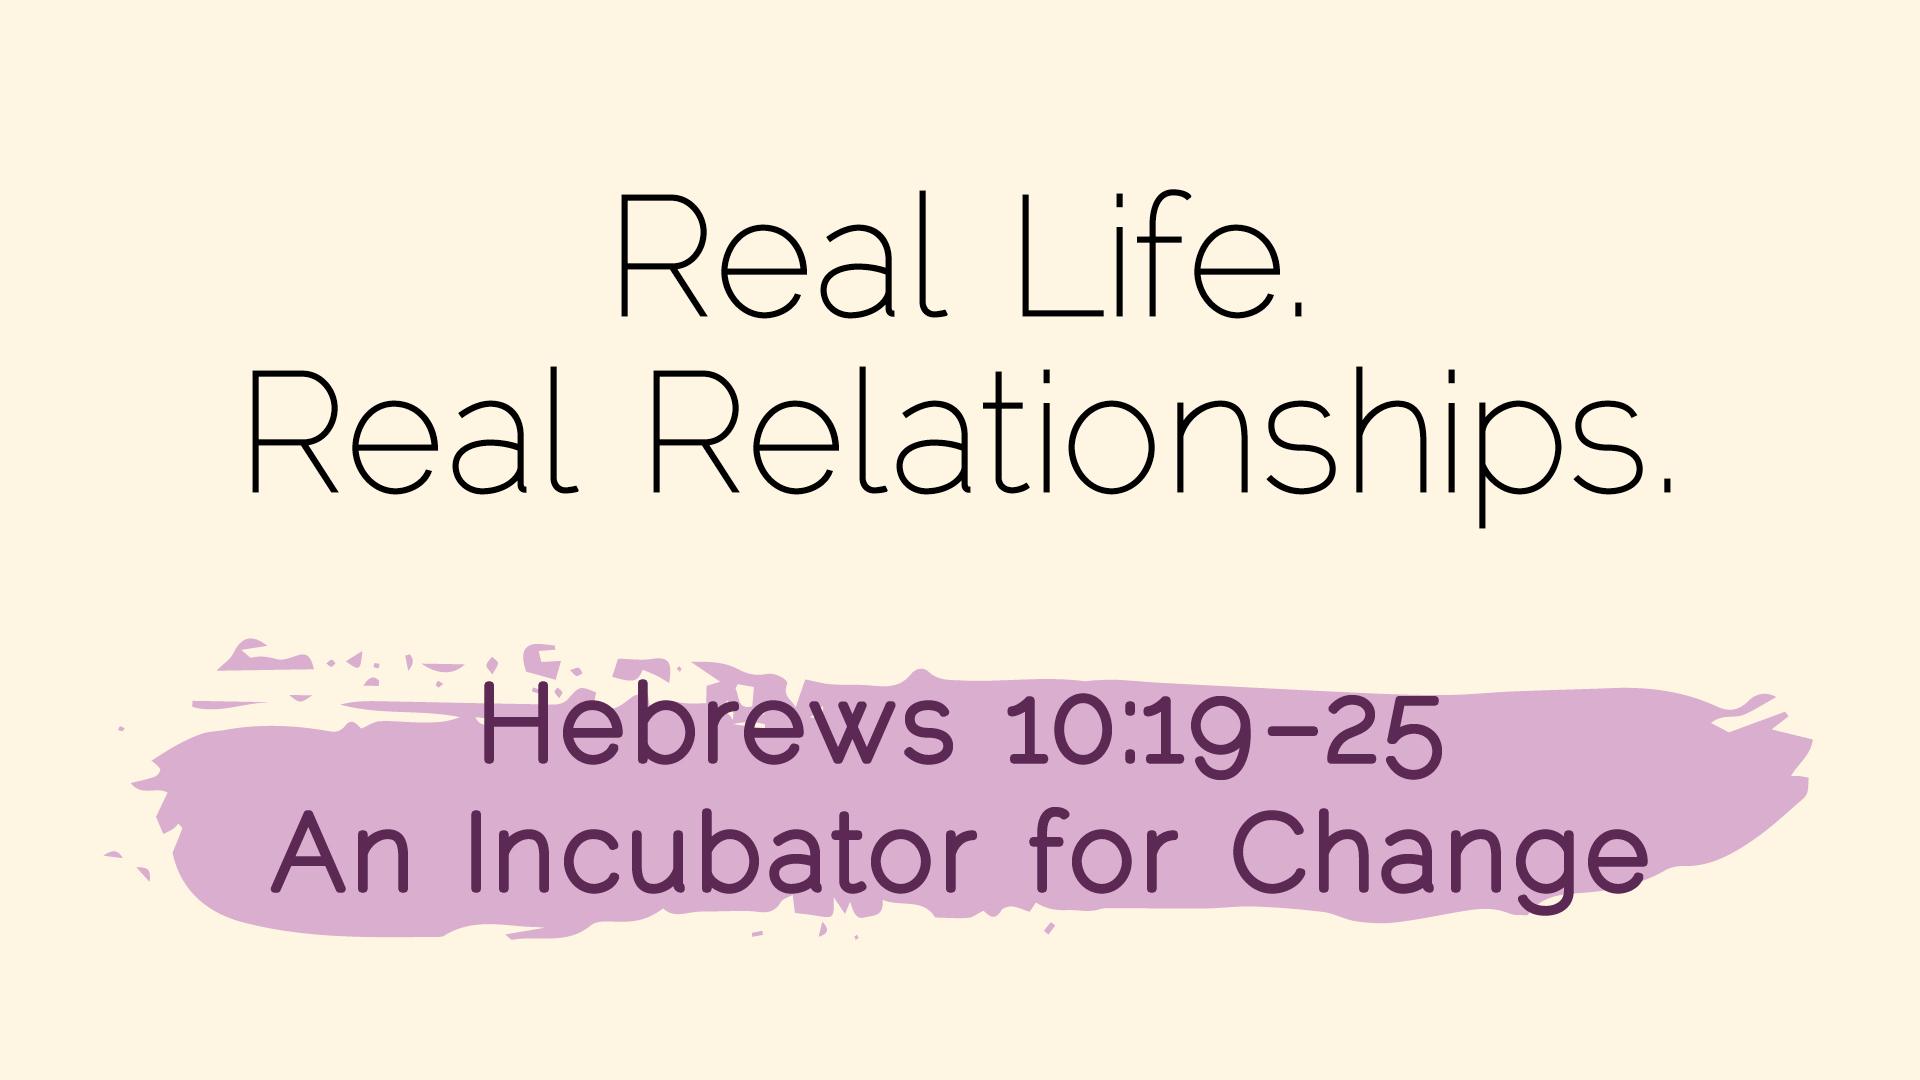 Real Life Feb 7